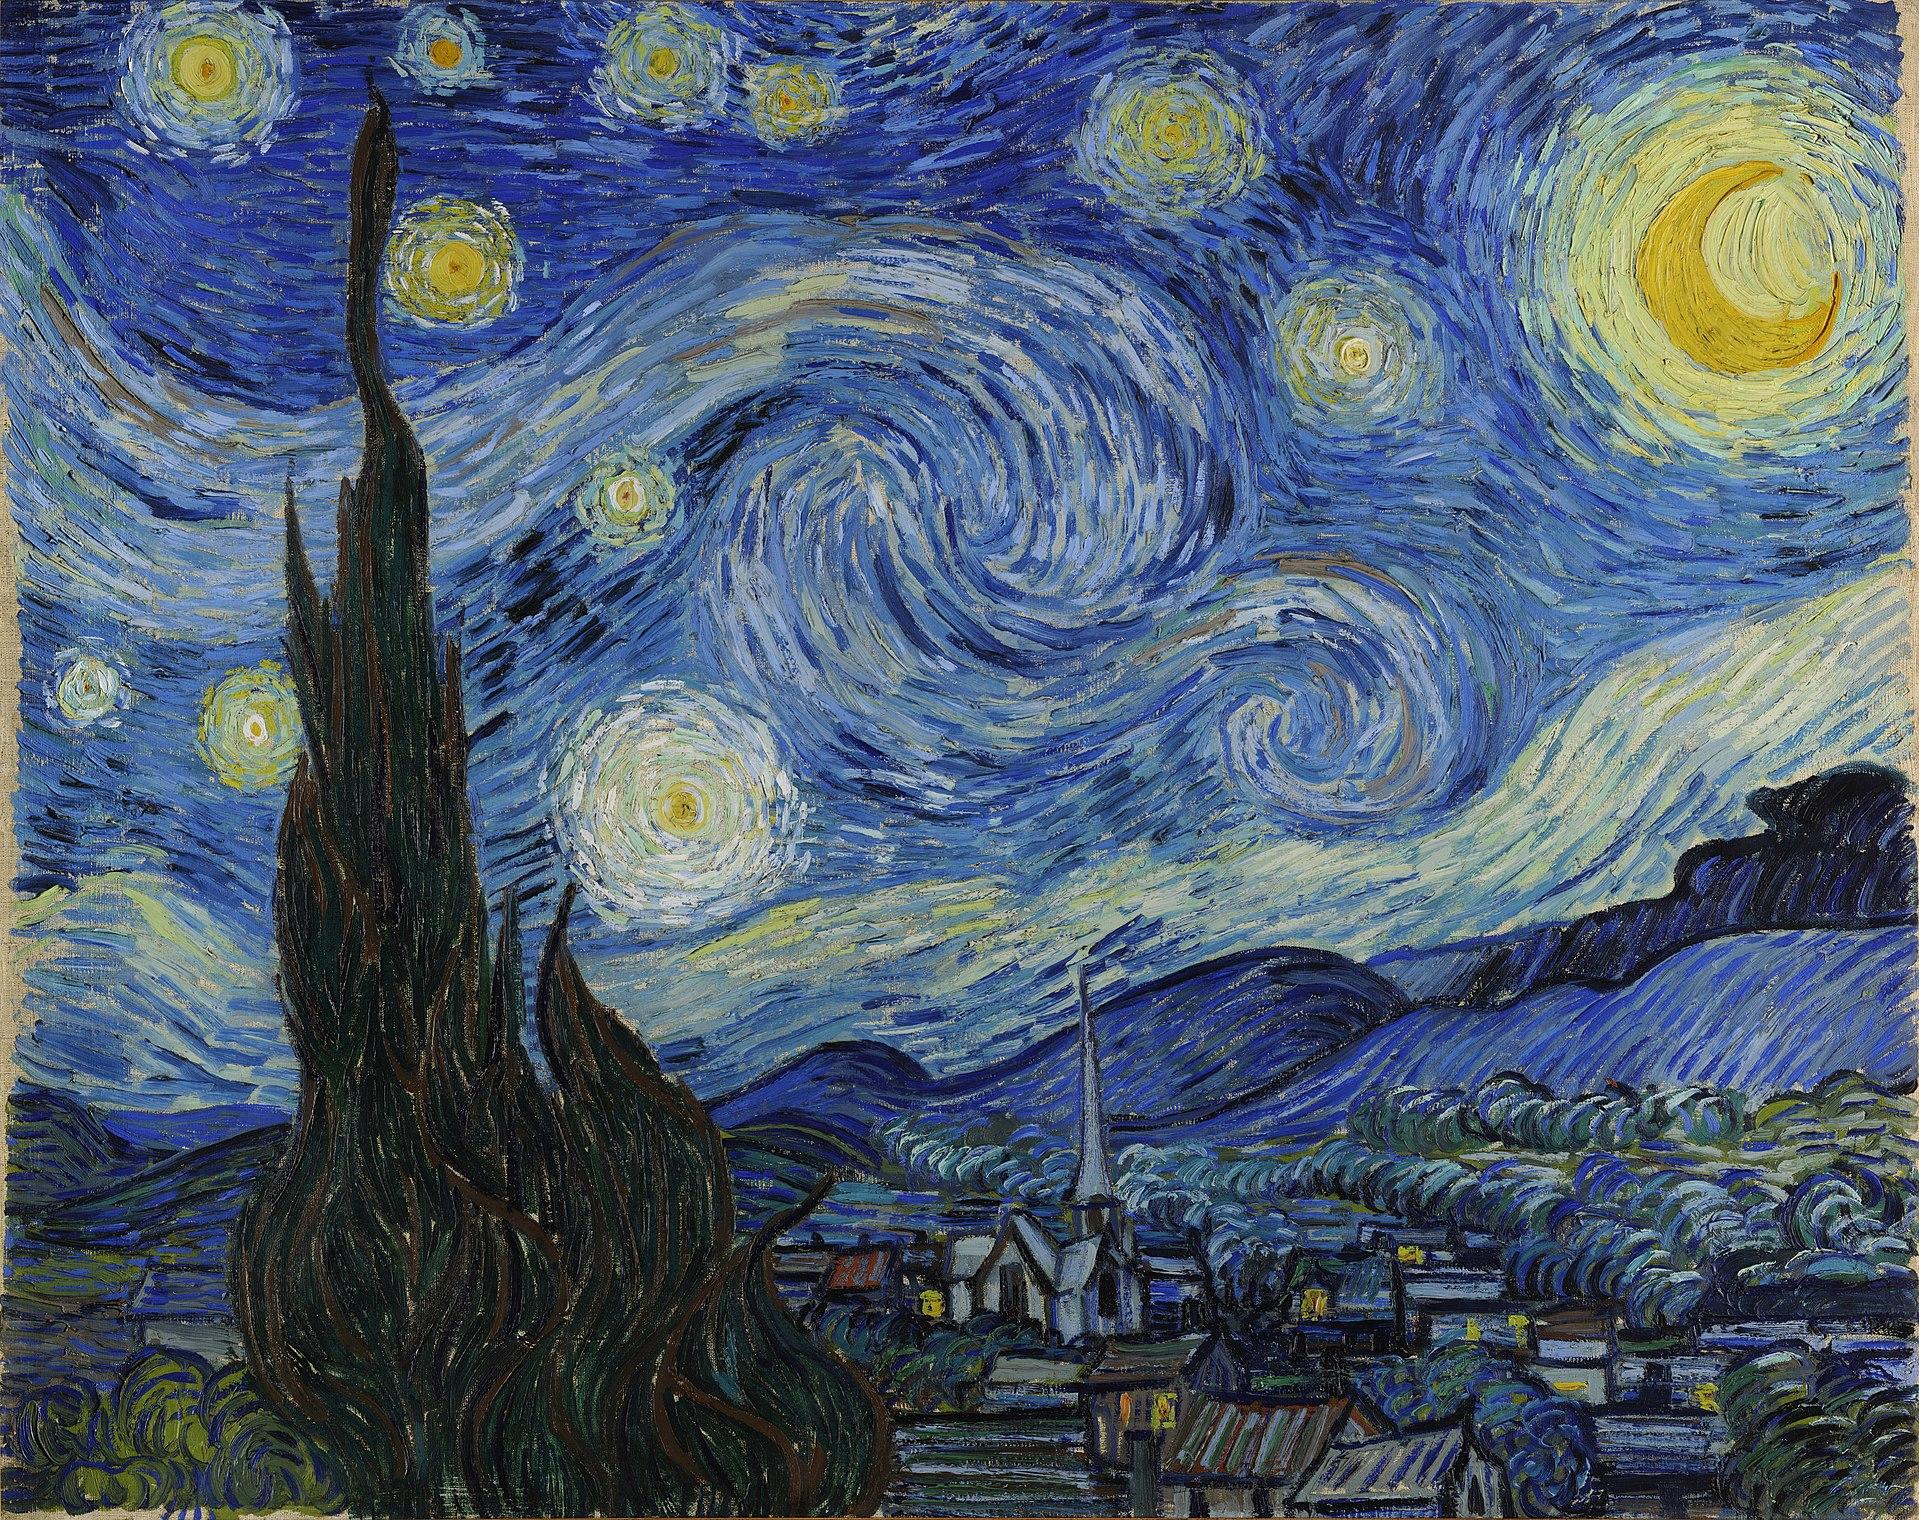 Винсент Ван Гог, 1889 год, картина «Звездная ночь».